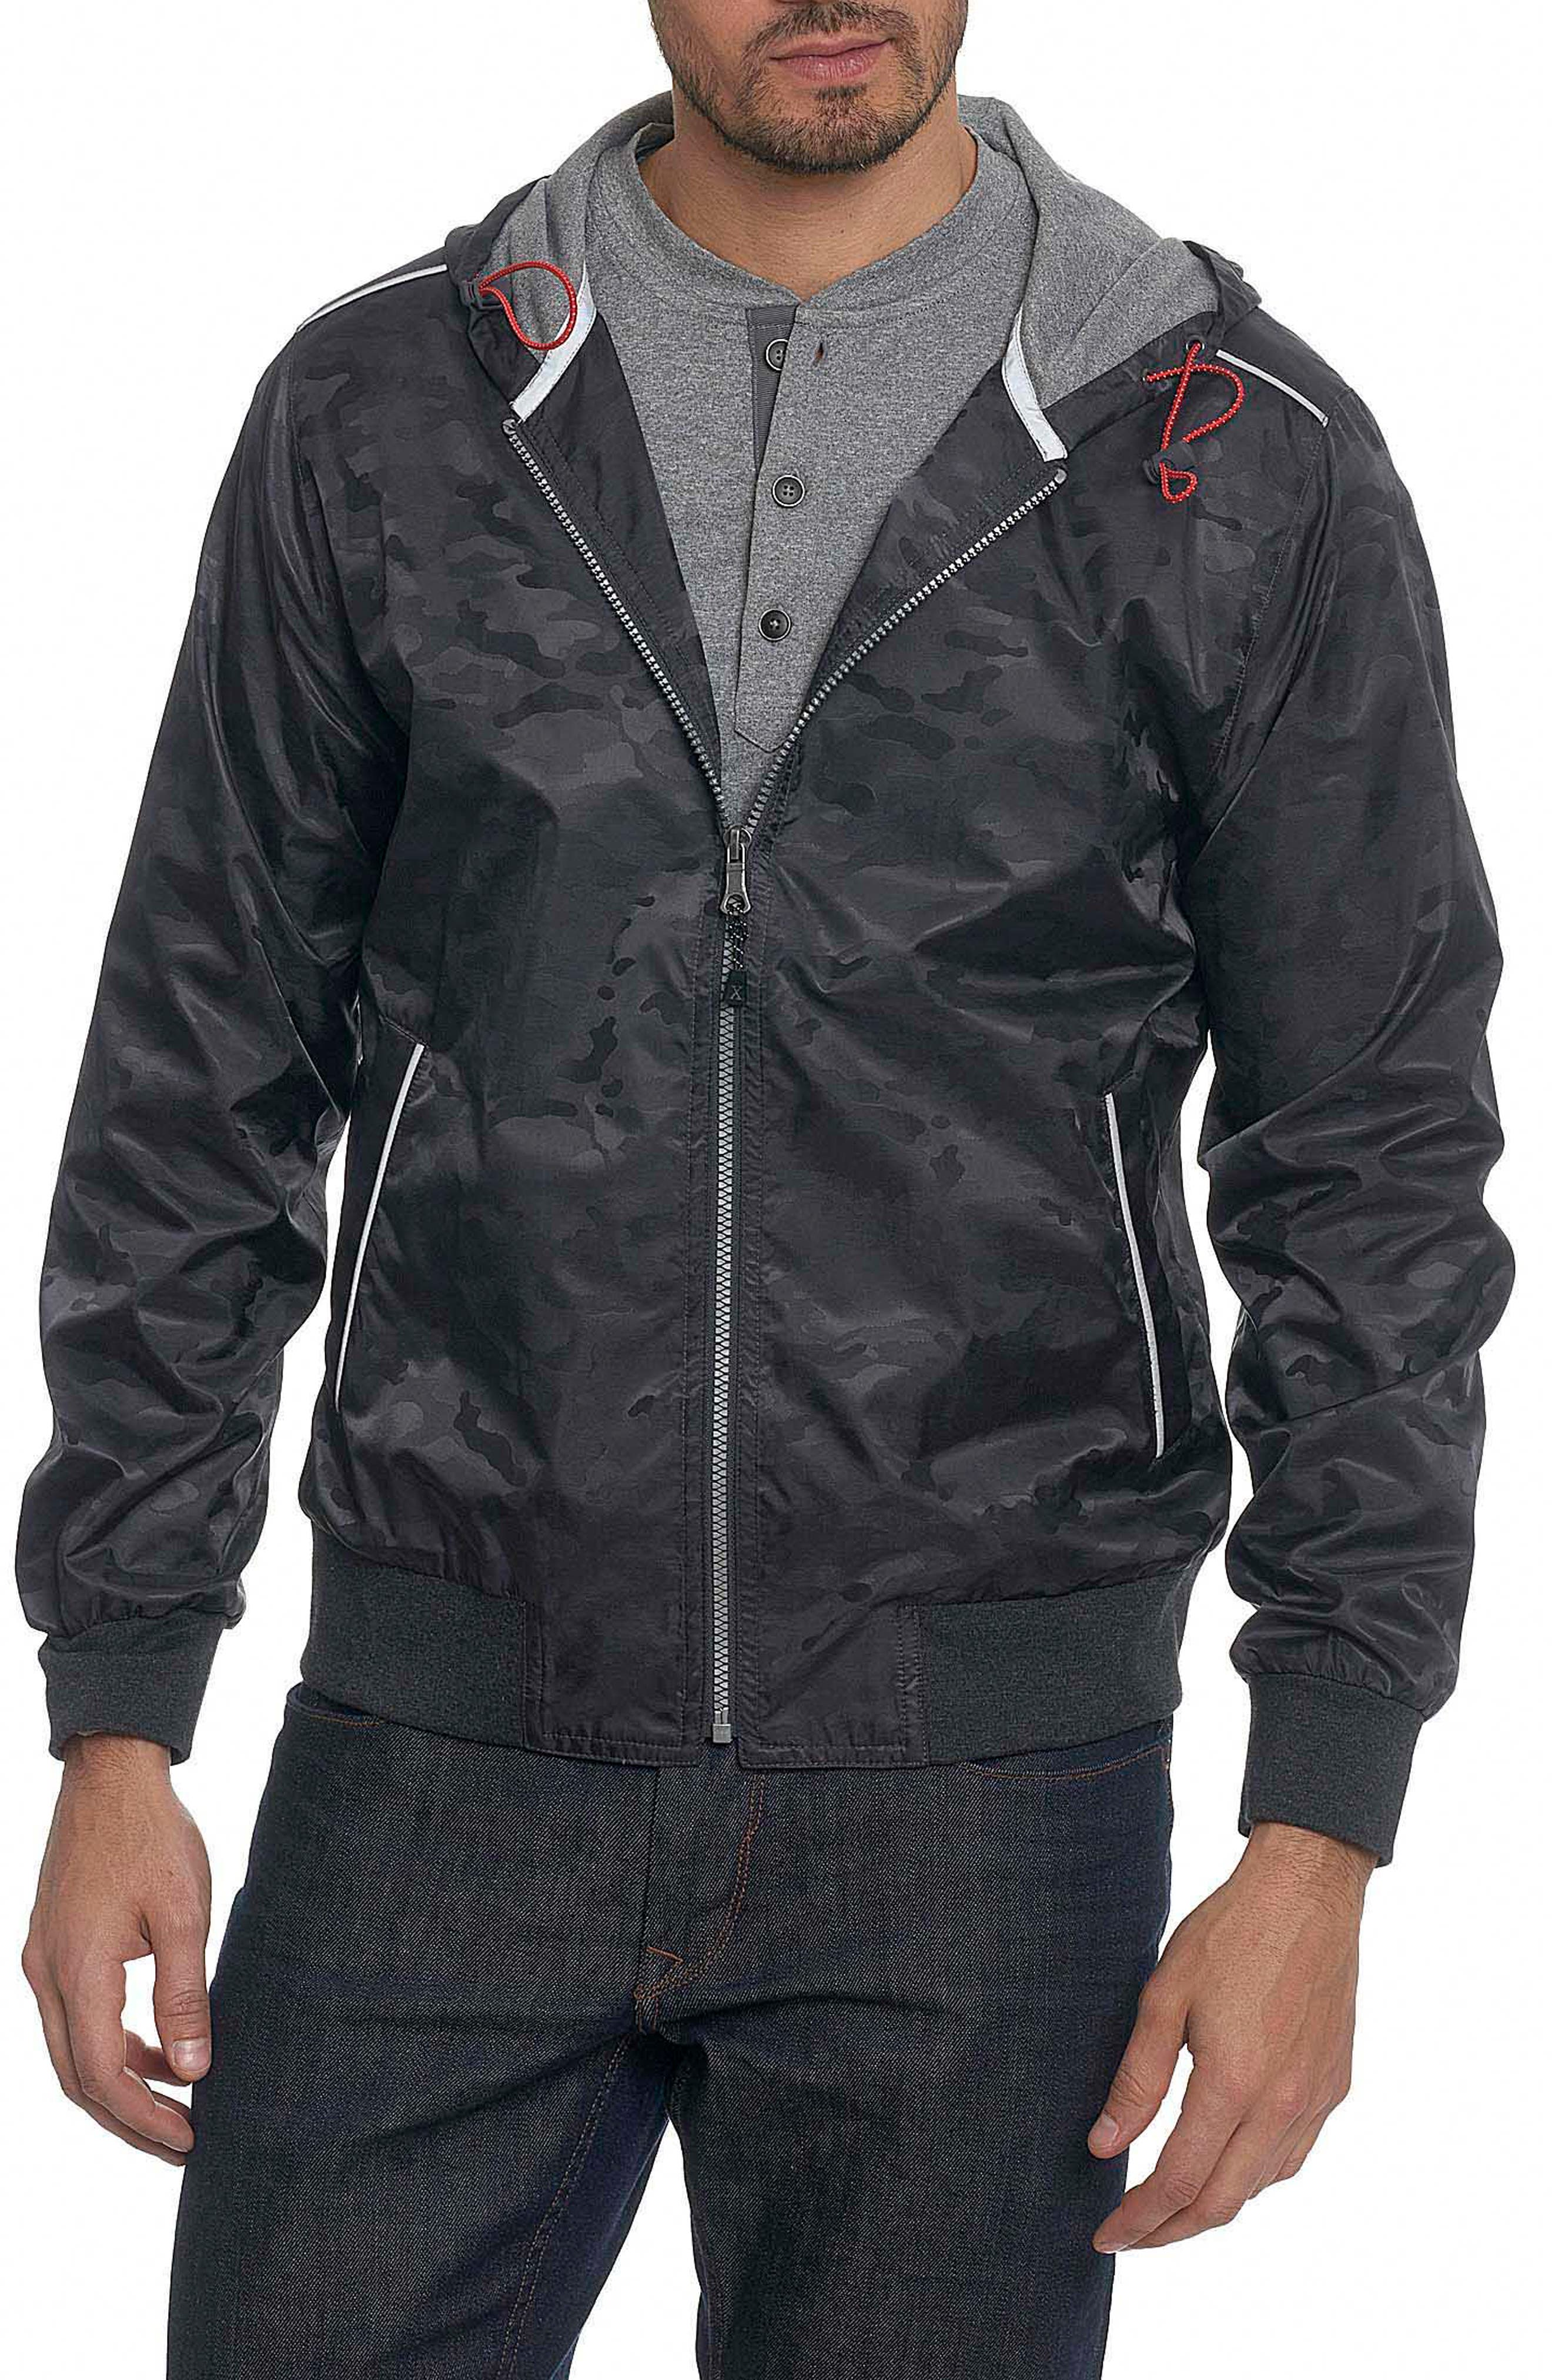 Peekskill Tailored Fit Jacket,                         Main,                         color, 060